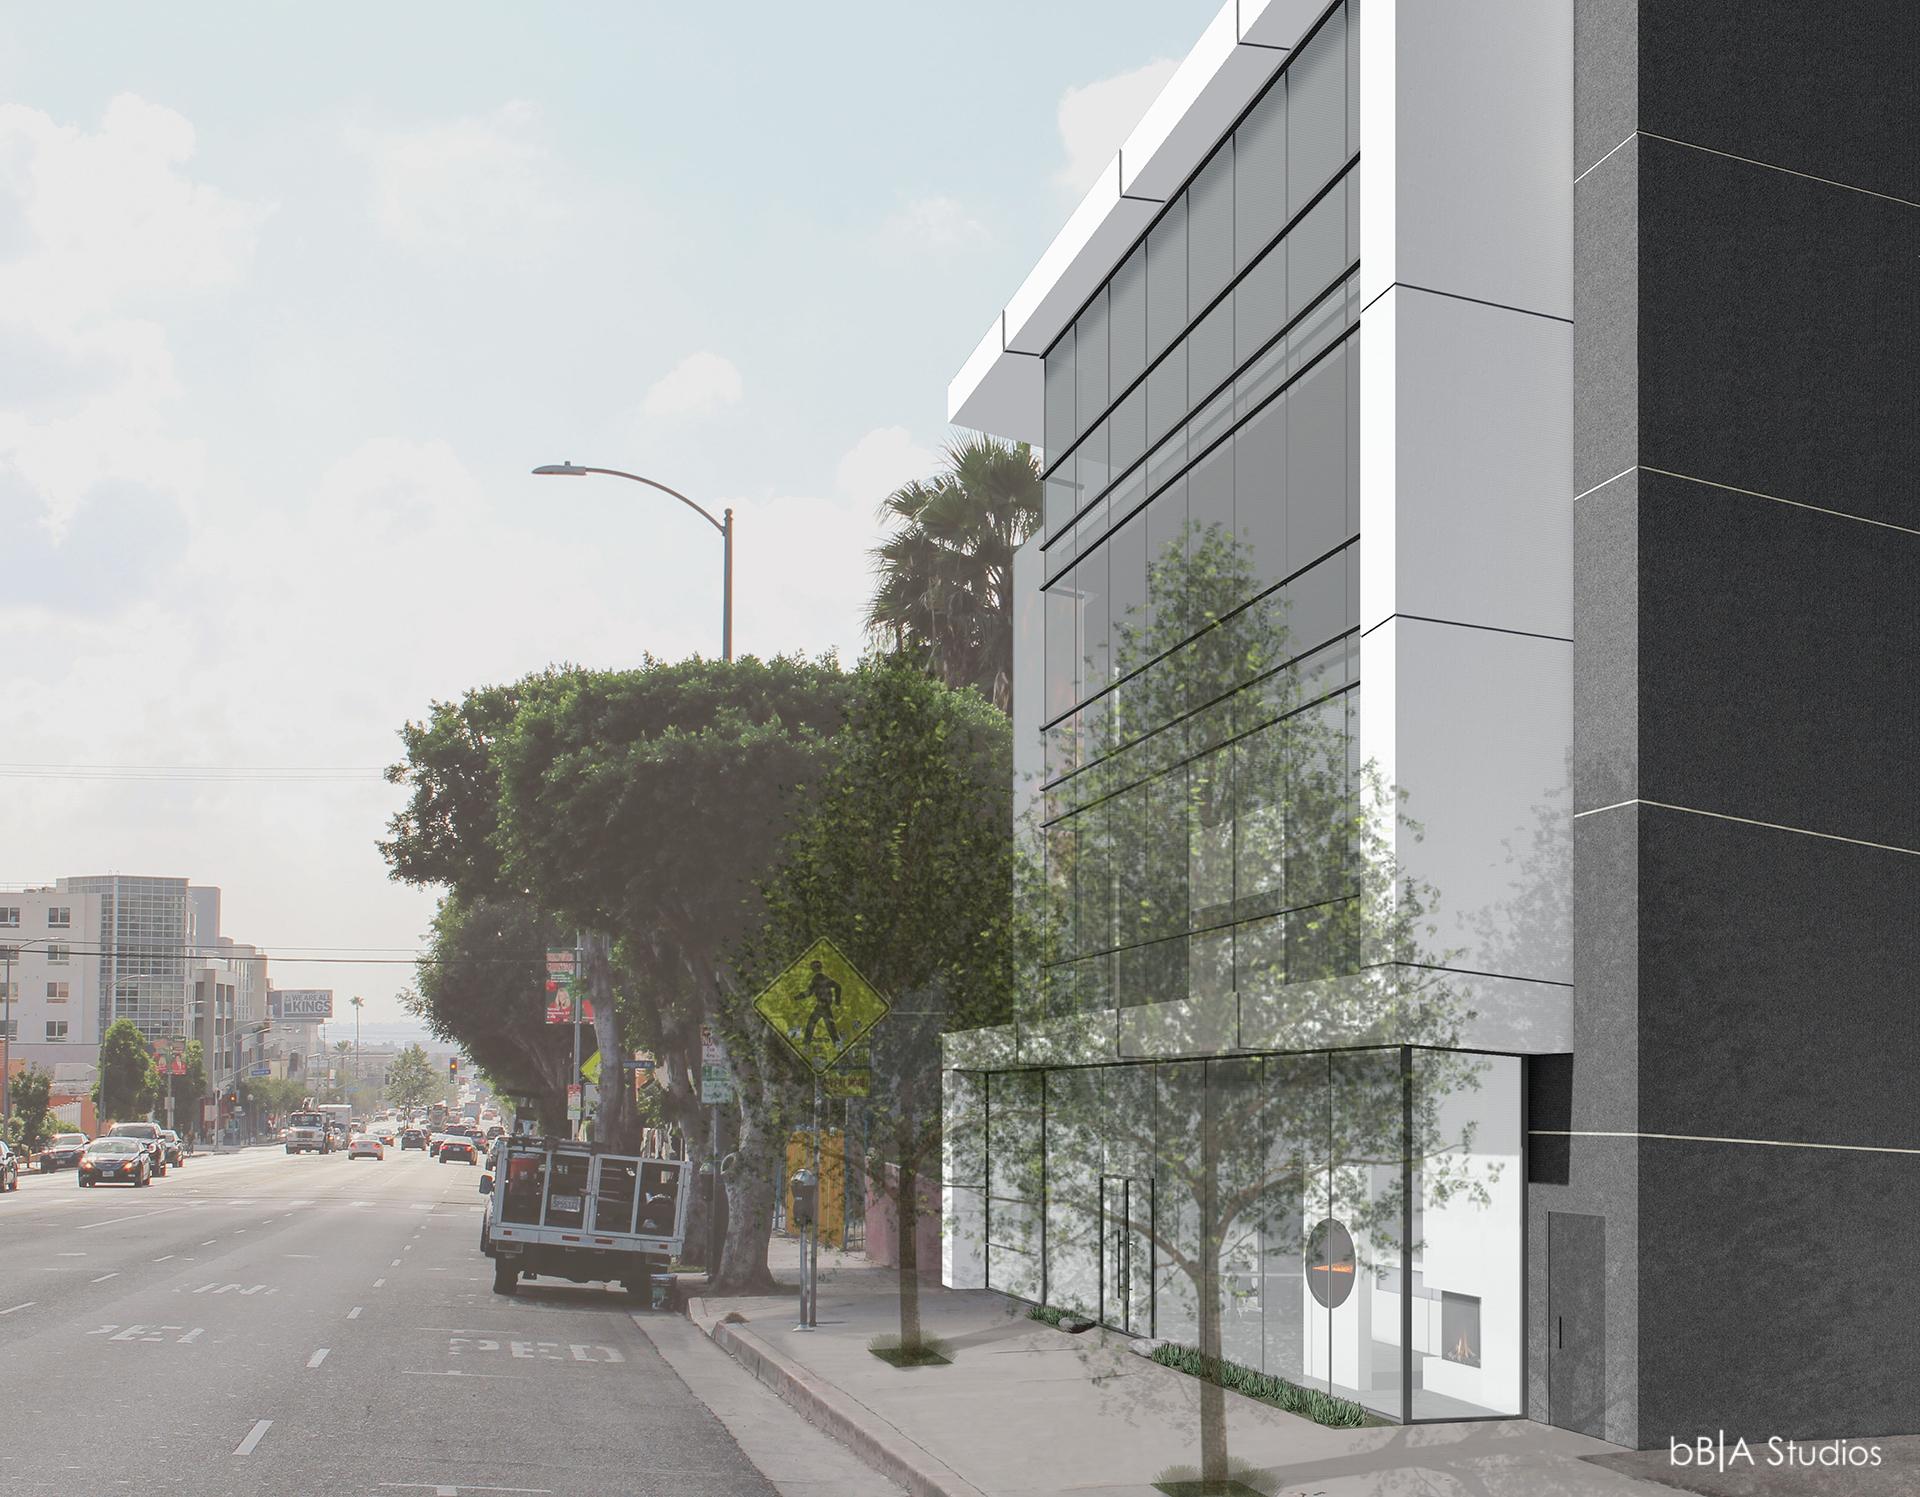 La Brea sidewalk rendering